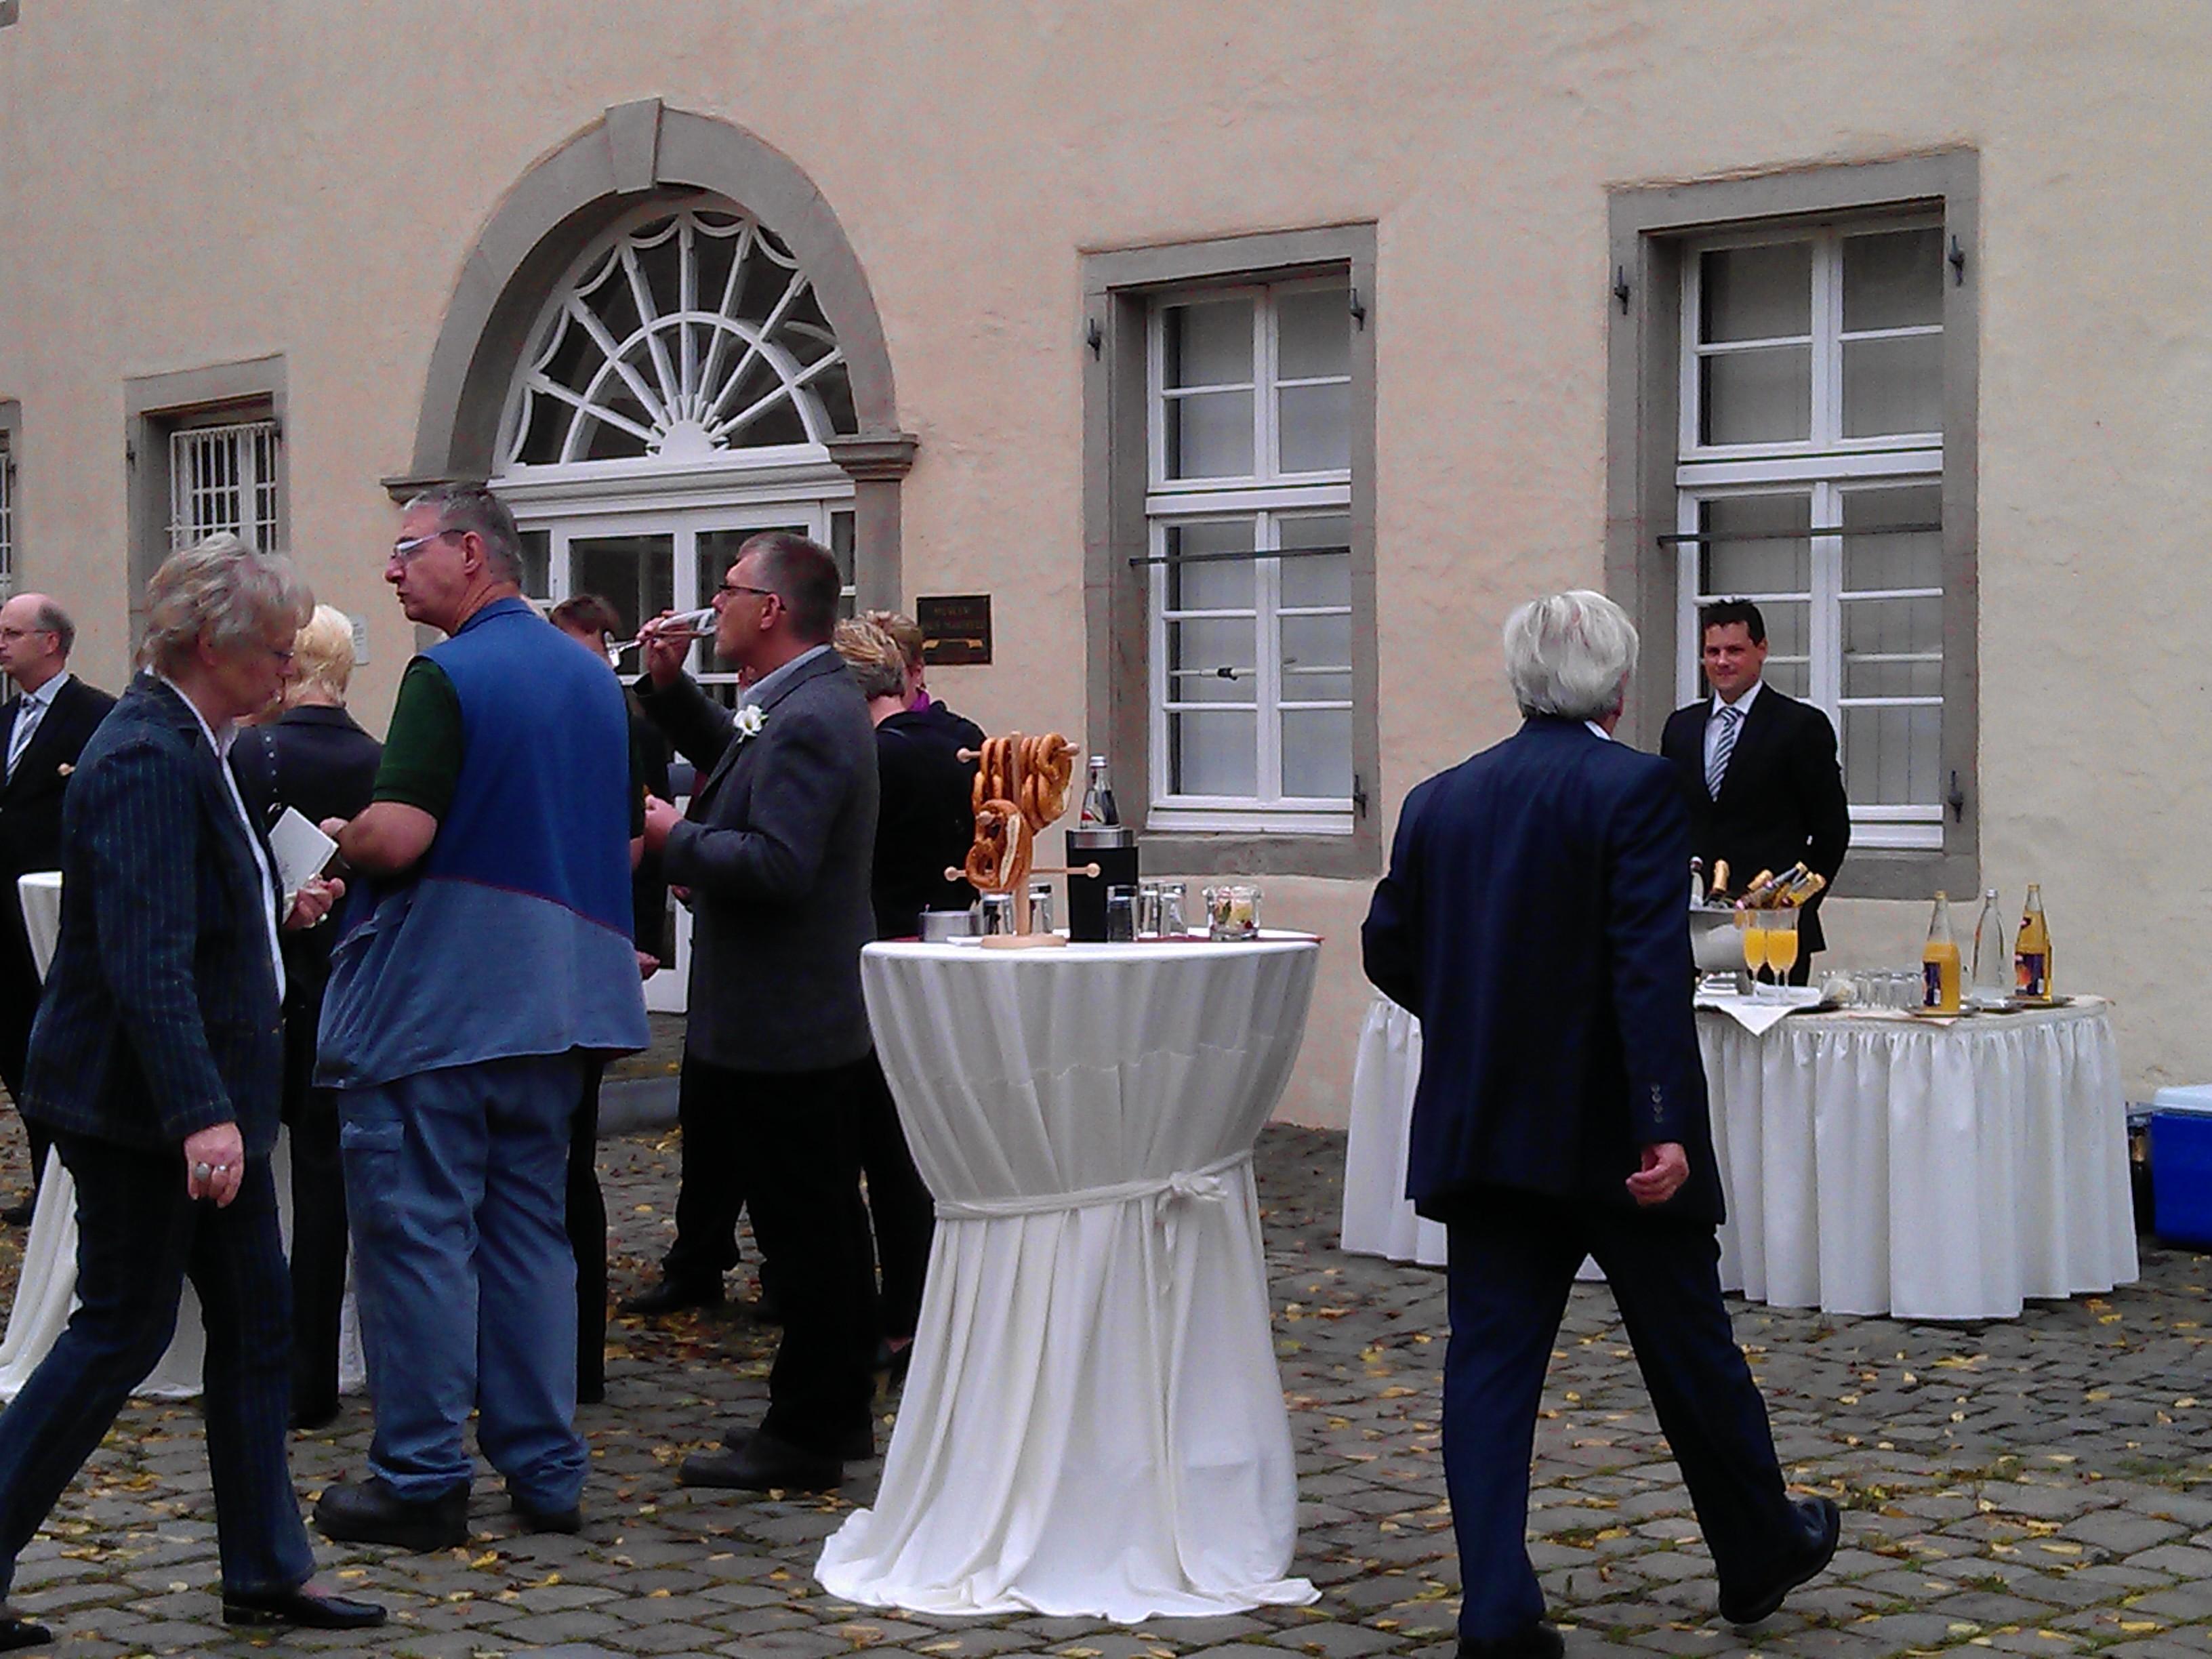 Sektempfang Schloss Martfeld Schwelm -3 | ©ihrehochzeitstauben